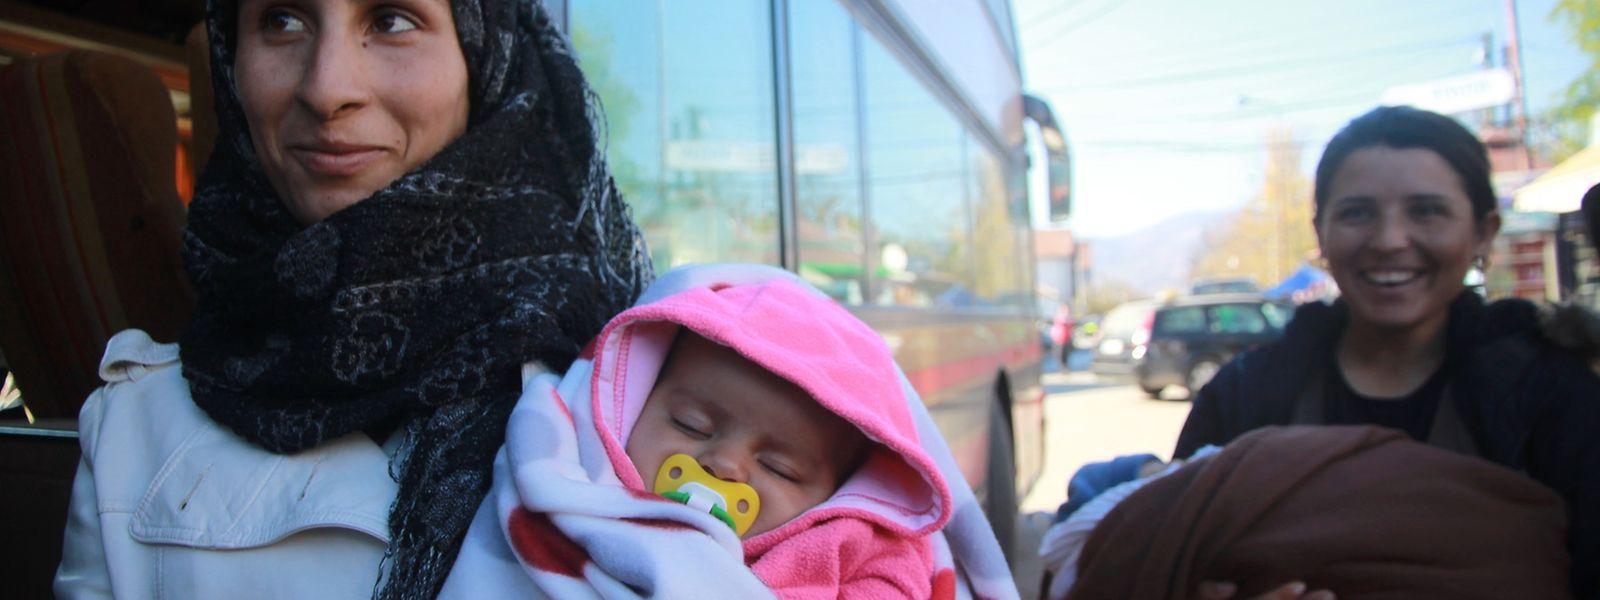 Flüchtlingsschicksal: Die Syrerin Ivo mit ihrer Tochter Angela, benannt nach der deutschen Kanzlerin.